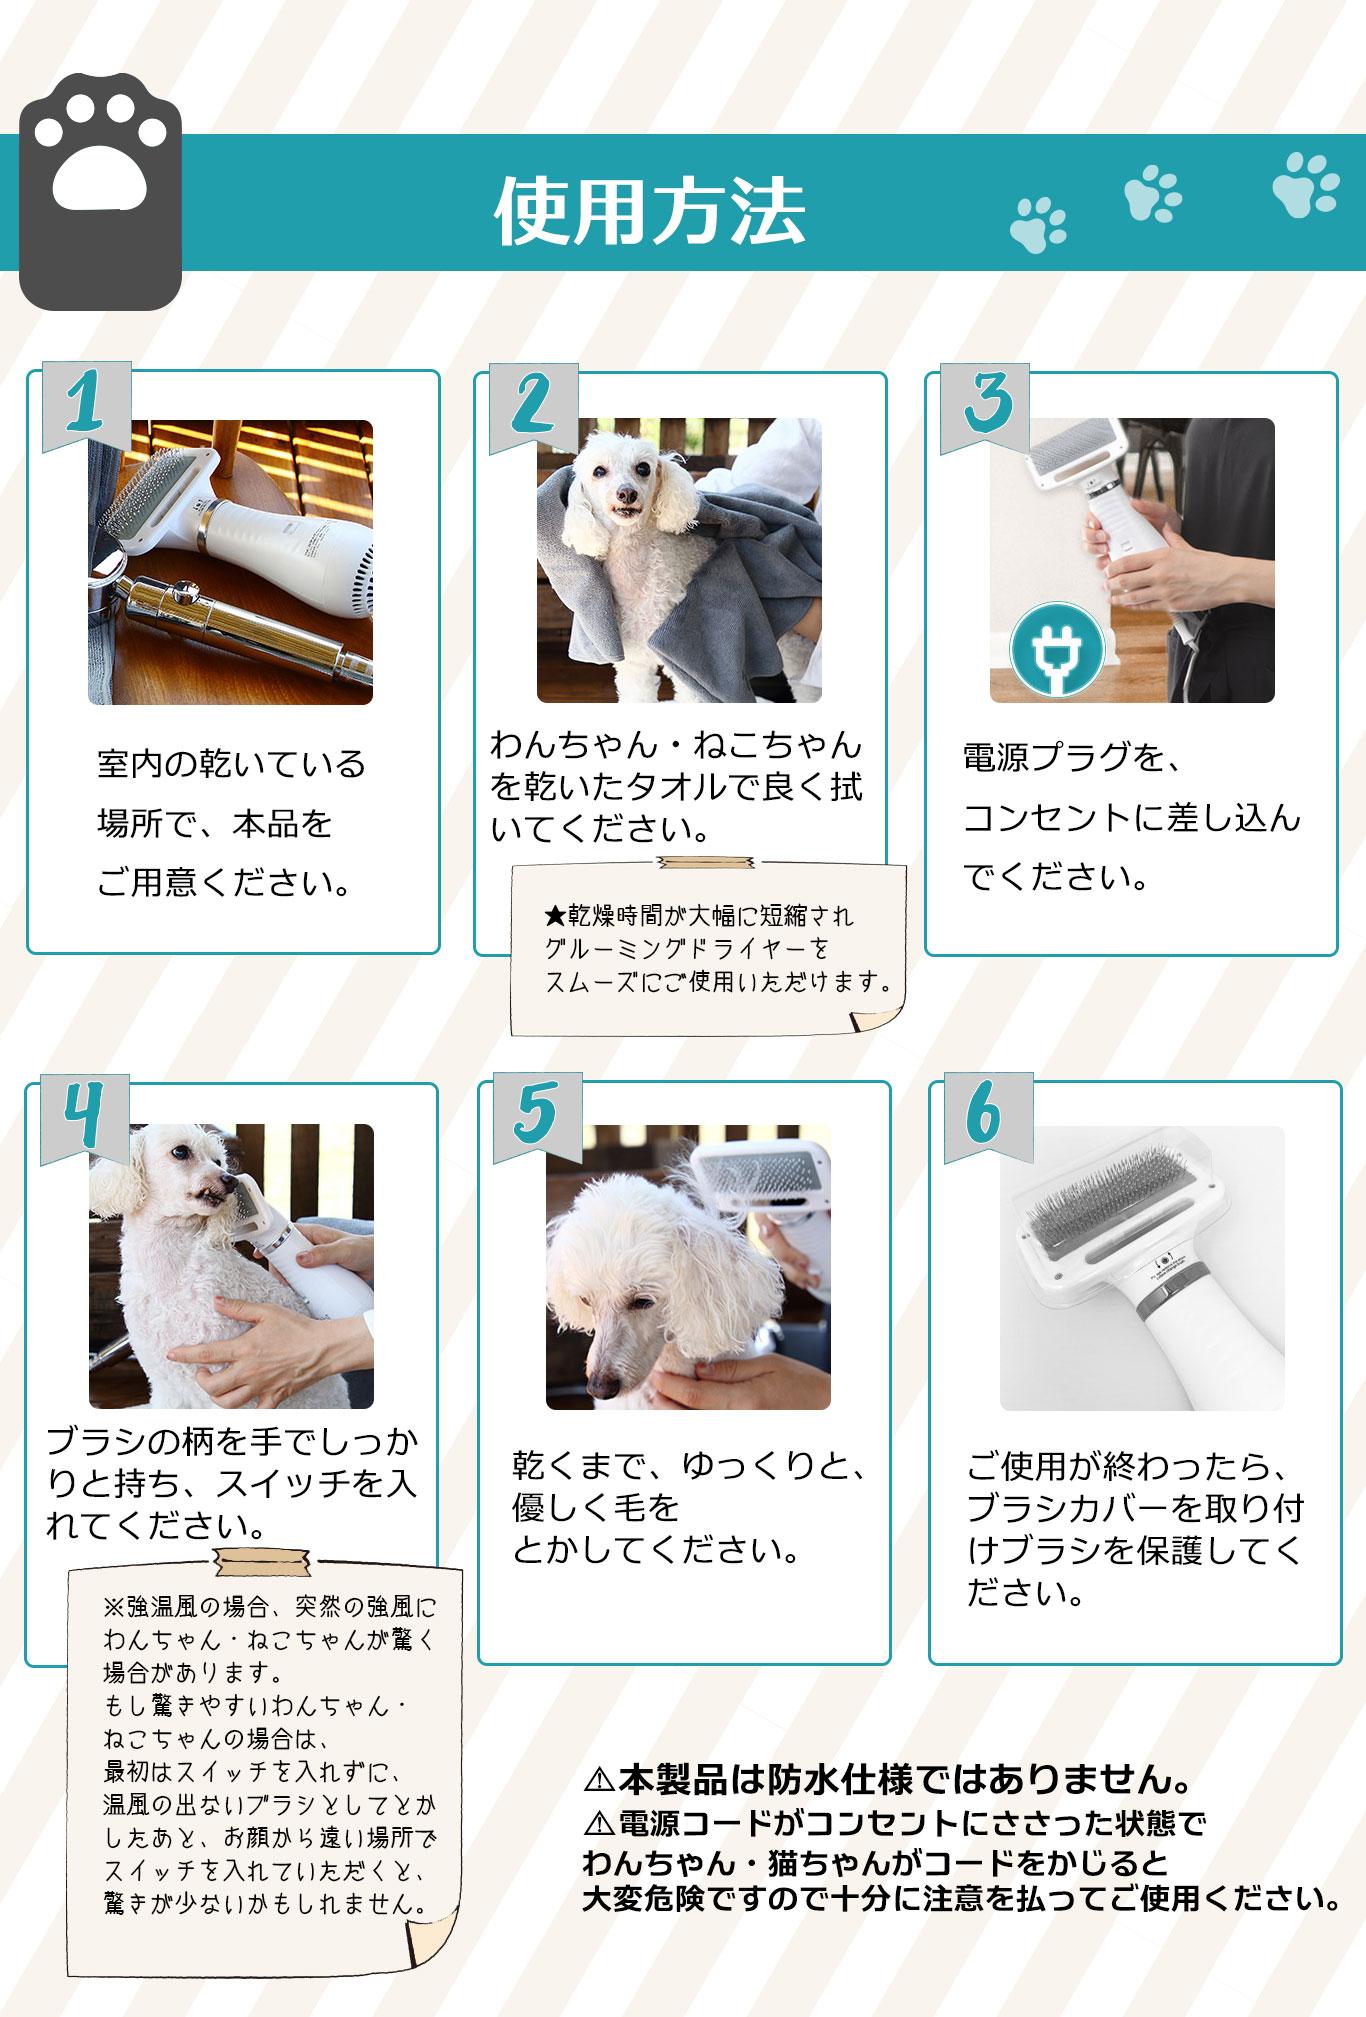 1. 室内の乾いている場所で、本品をご用意ください。2. わんちゃん・ねこちゃんを乾いたタオルで良く拭いてください。乾燥時間が大幅に短縮されグルーミングドライヤーをスムーズにご使用いただけます。3. 電源プラグを、コンセントに差し込んでください。4. ブラシの柄を手でしっかりと持ち、スイッチを入れてください。(※強温風の場合、突然の強風にわんちゃん・ねこちゃんが驚く場合があります。もし驚きやいわんちゃん・ねこちゃんの場合は、最初はスイッチを入れずに、温風の出ないブラシとして梳かしたあと、お顔から遠い場所でスイッチを入れていただくと、驚きが少ないかもしれません。)5. 乾くまで、ゆっくりと、優しく毛をとかしてください。6. ご使用が終わったら、ブラシカバーを取り付けブラシを保護してください。ご注意:⚠本製品は防水仕様ではありません。